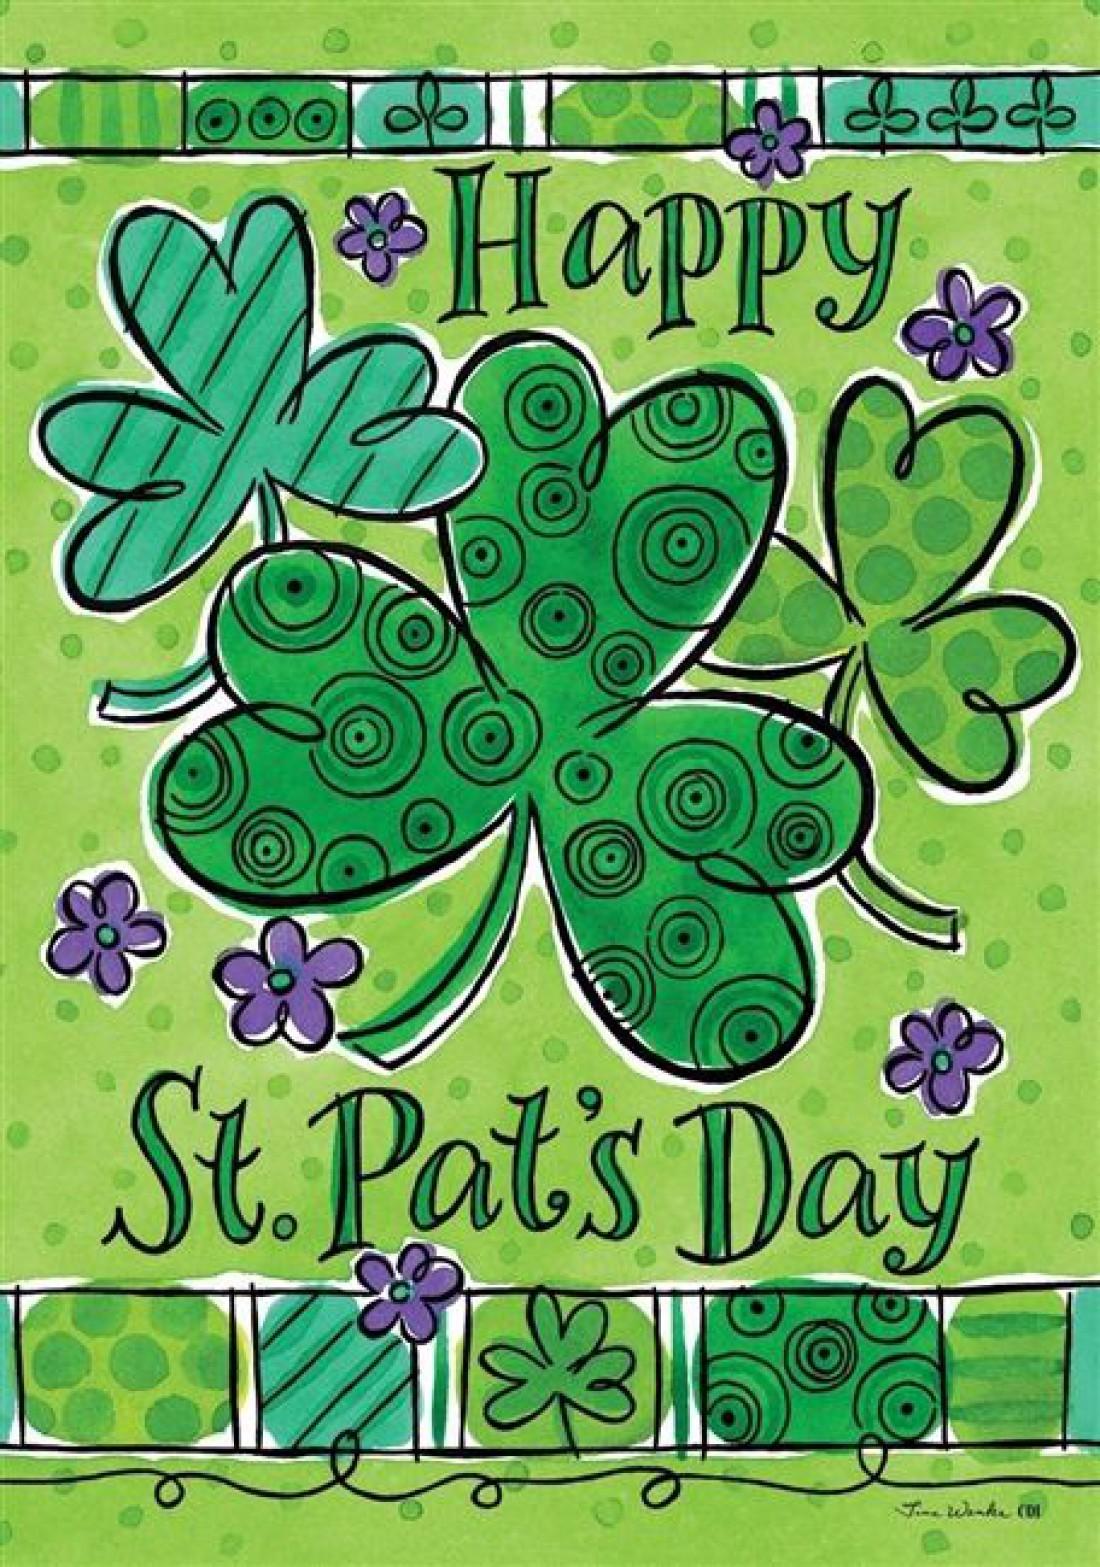 День святого Патрика: прикольные открытки